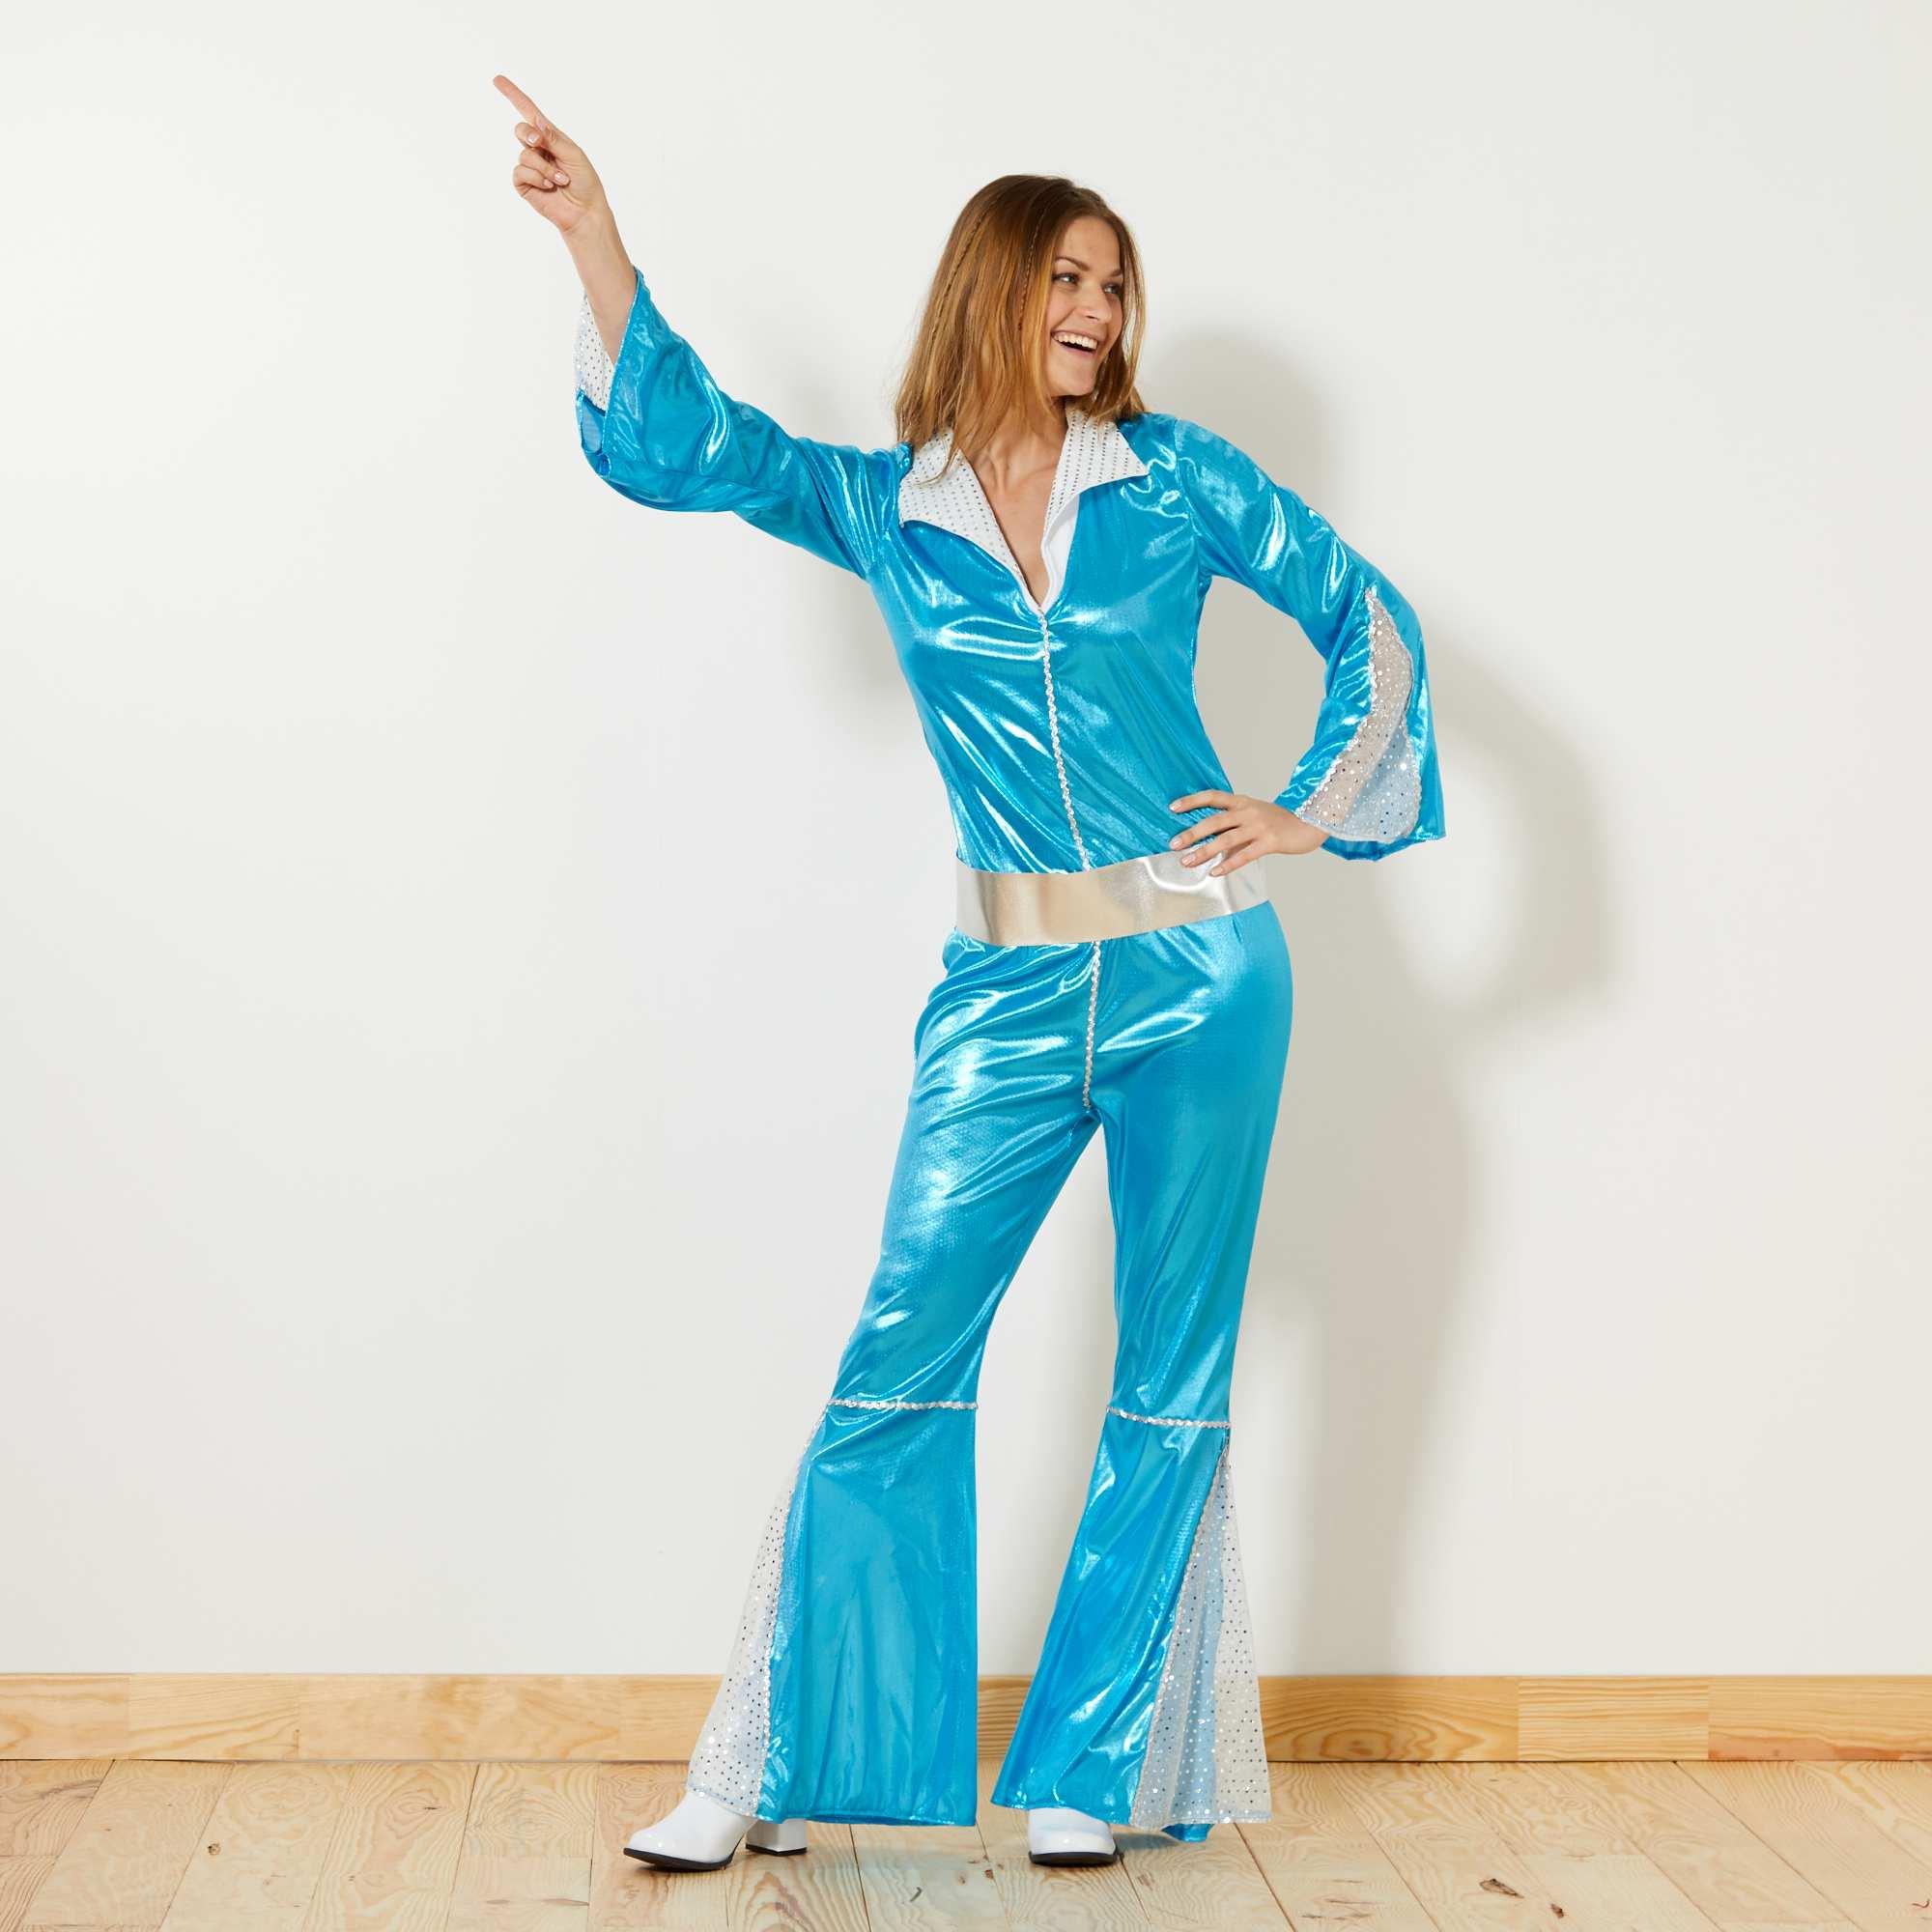 deguisement femme disco